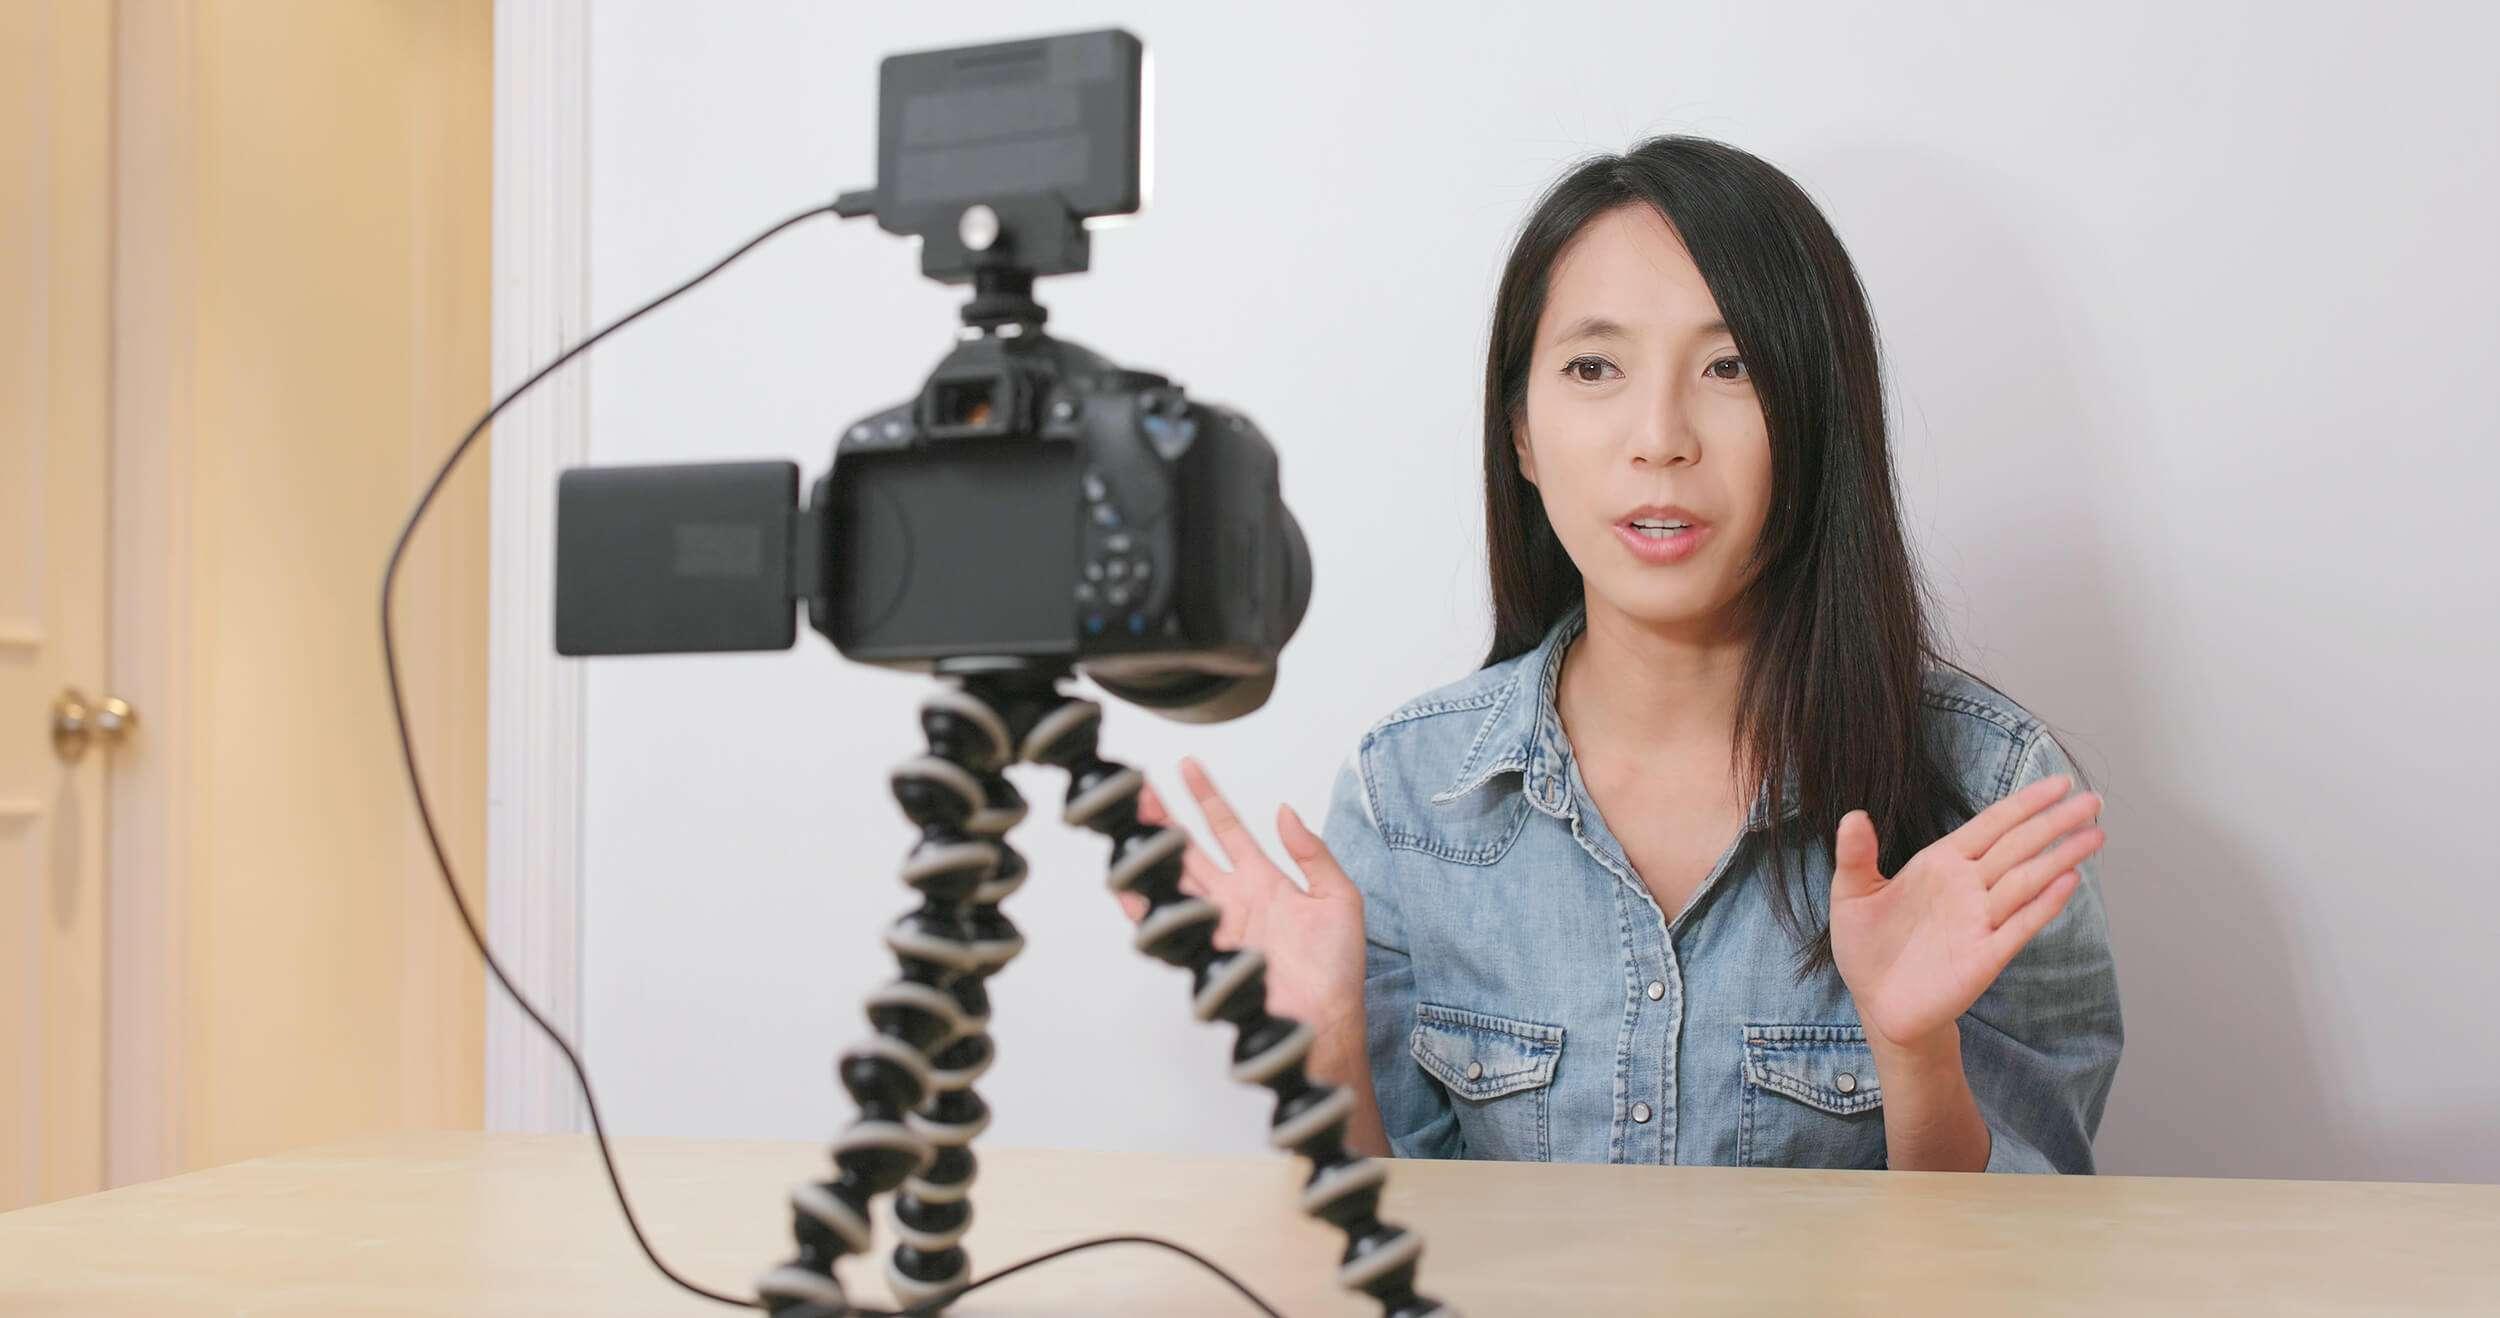 video-production-course-hk